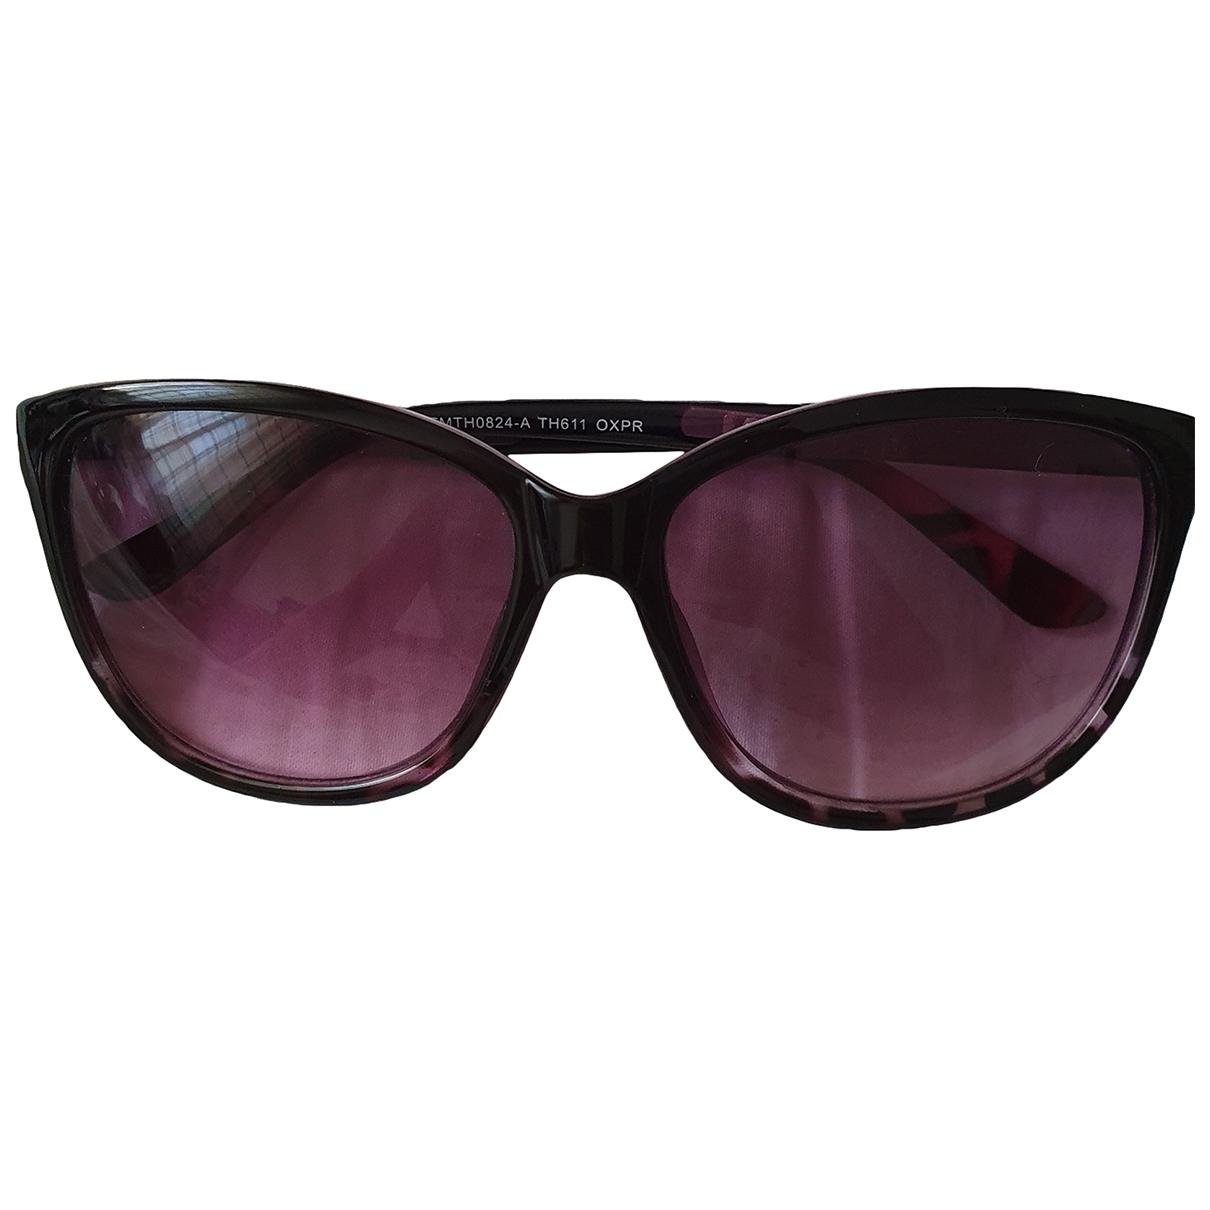 Elie Tahari - Lunettes   pour femme - violet